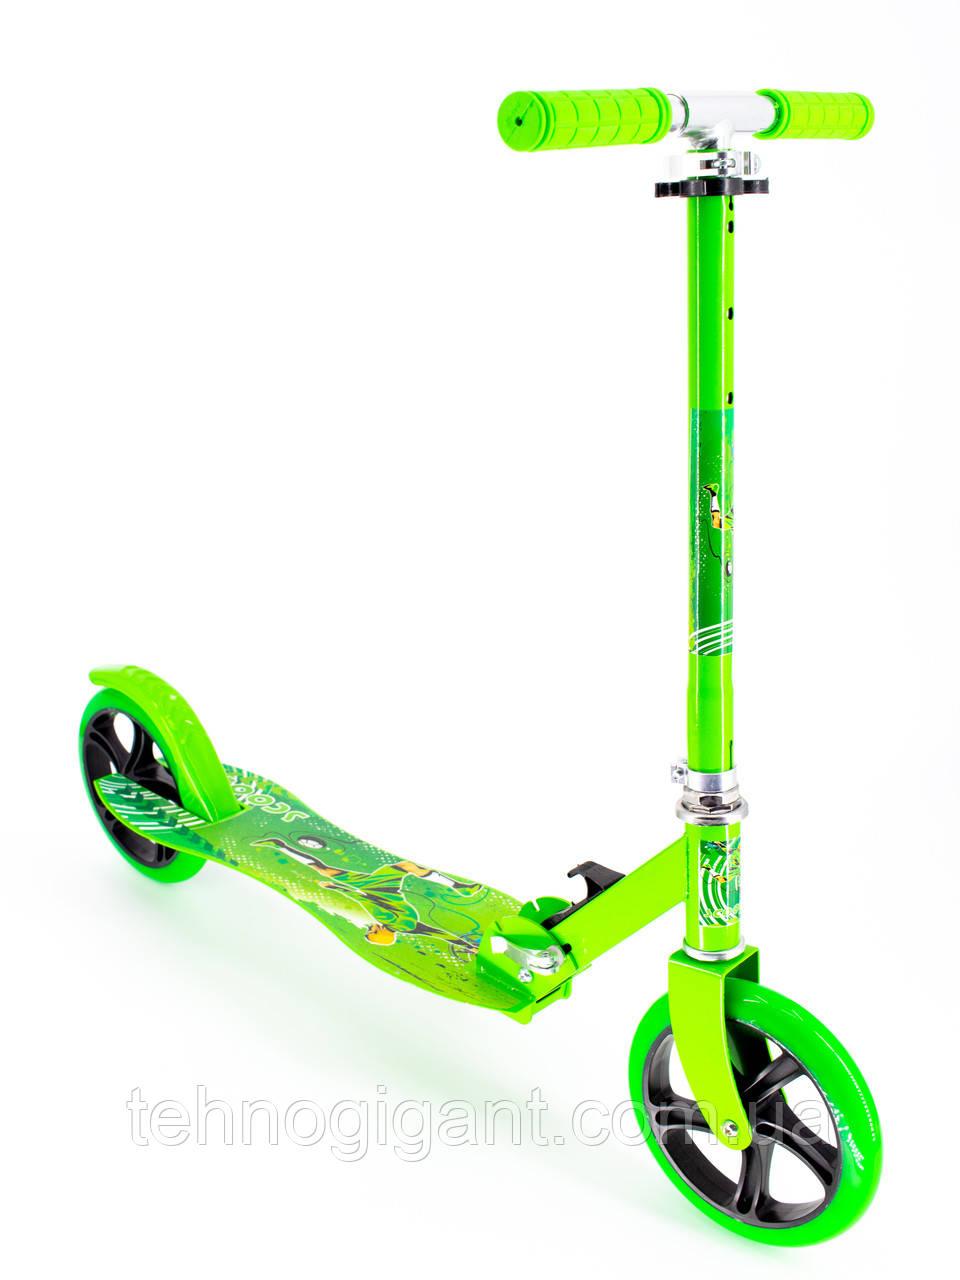 Самокат детский двухколесный, складной Scooter Select Style 016, городской, большие колеса, Салатовый